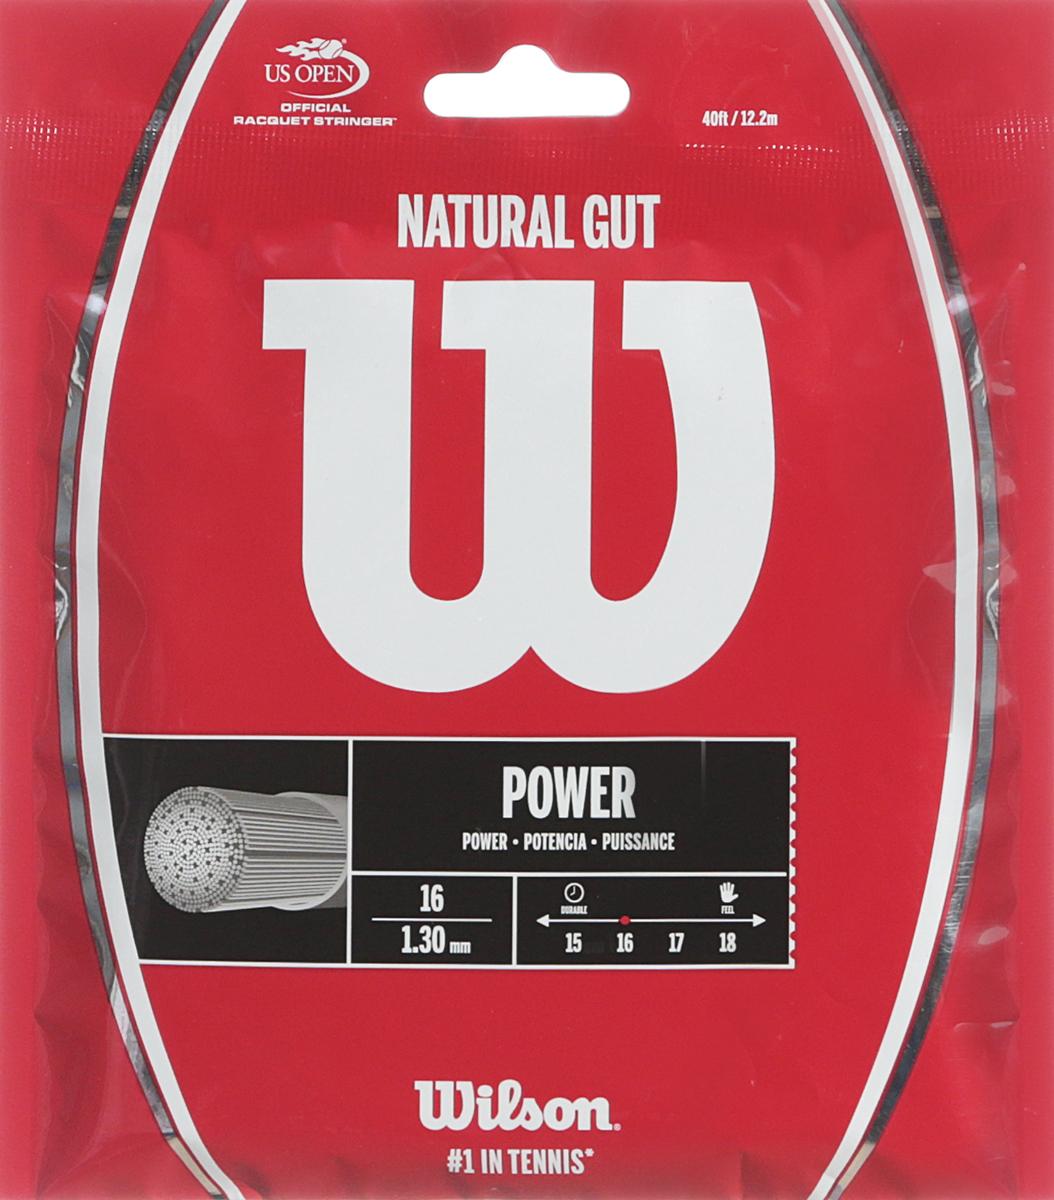 Комплект струн для ракетки Wilson Natural Gut 16